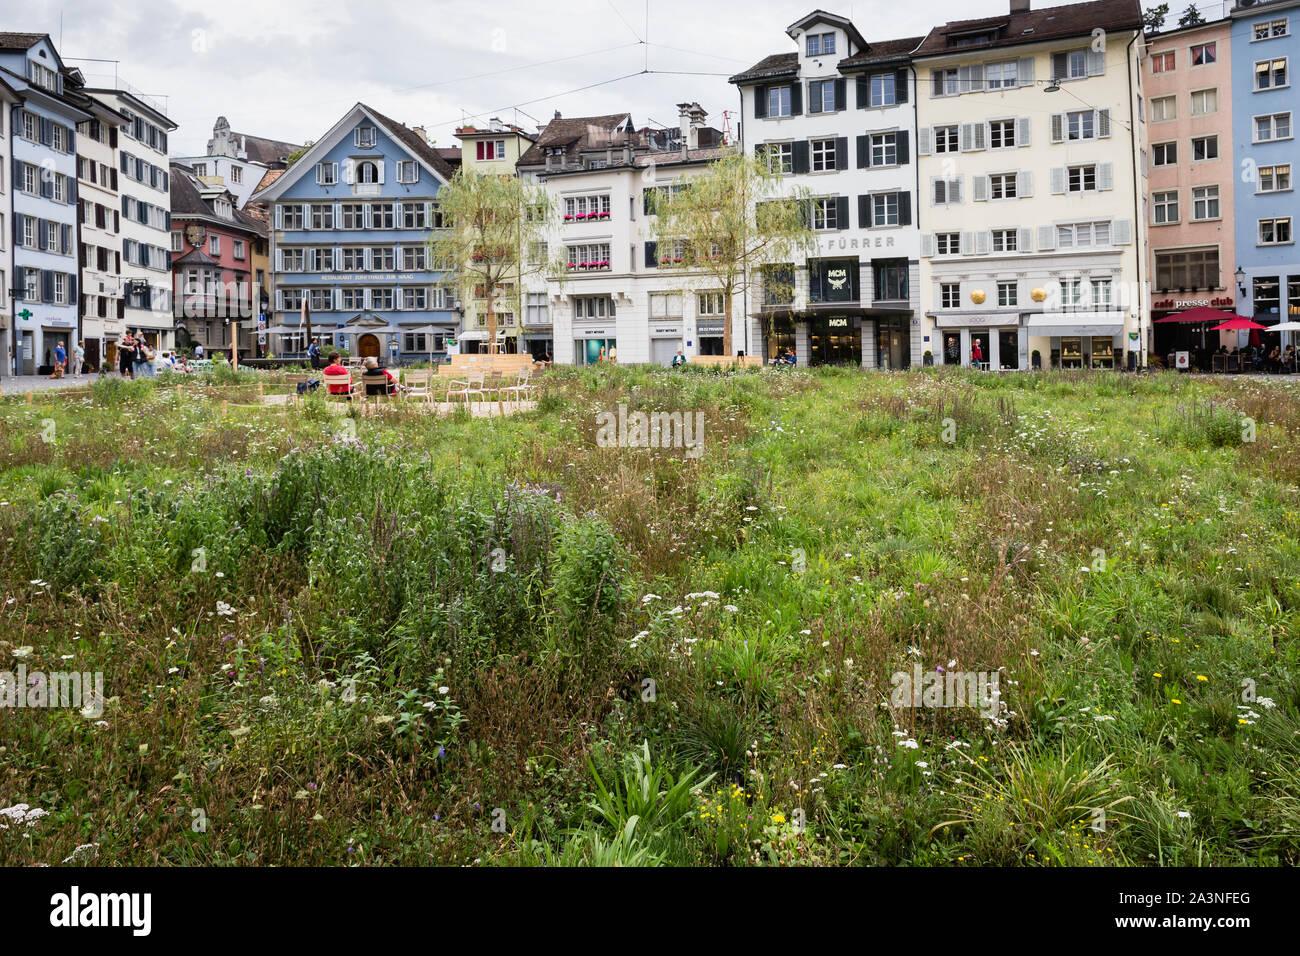 Insel in der Stadt meadow installed by the artist Heinrich Gartentor in the Münsterhof square in Zurich, Switzerland Stock Photo